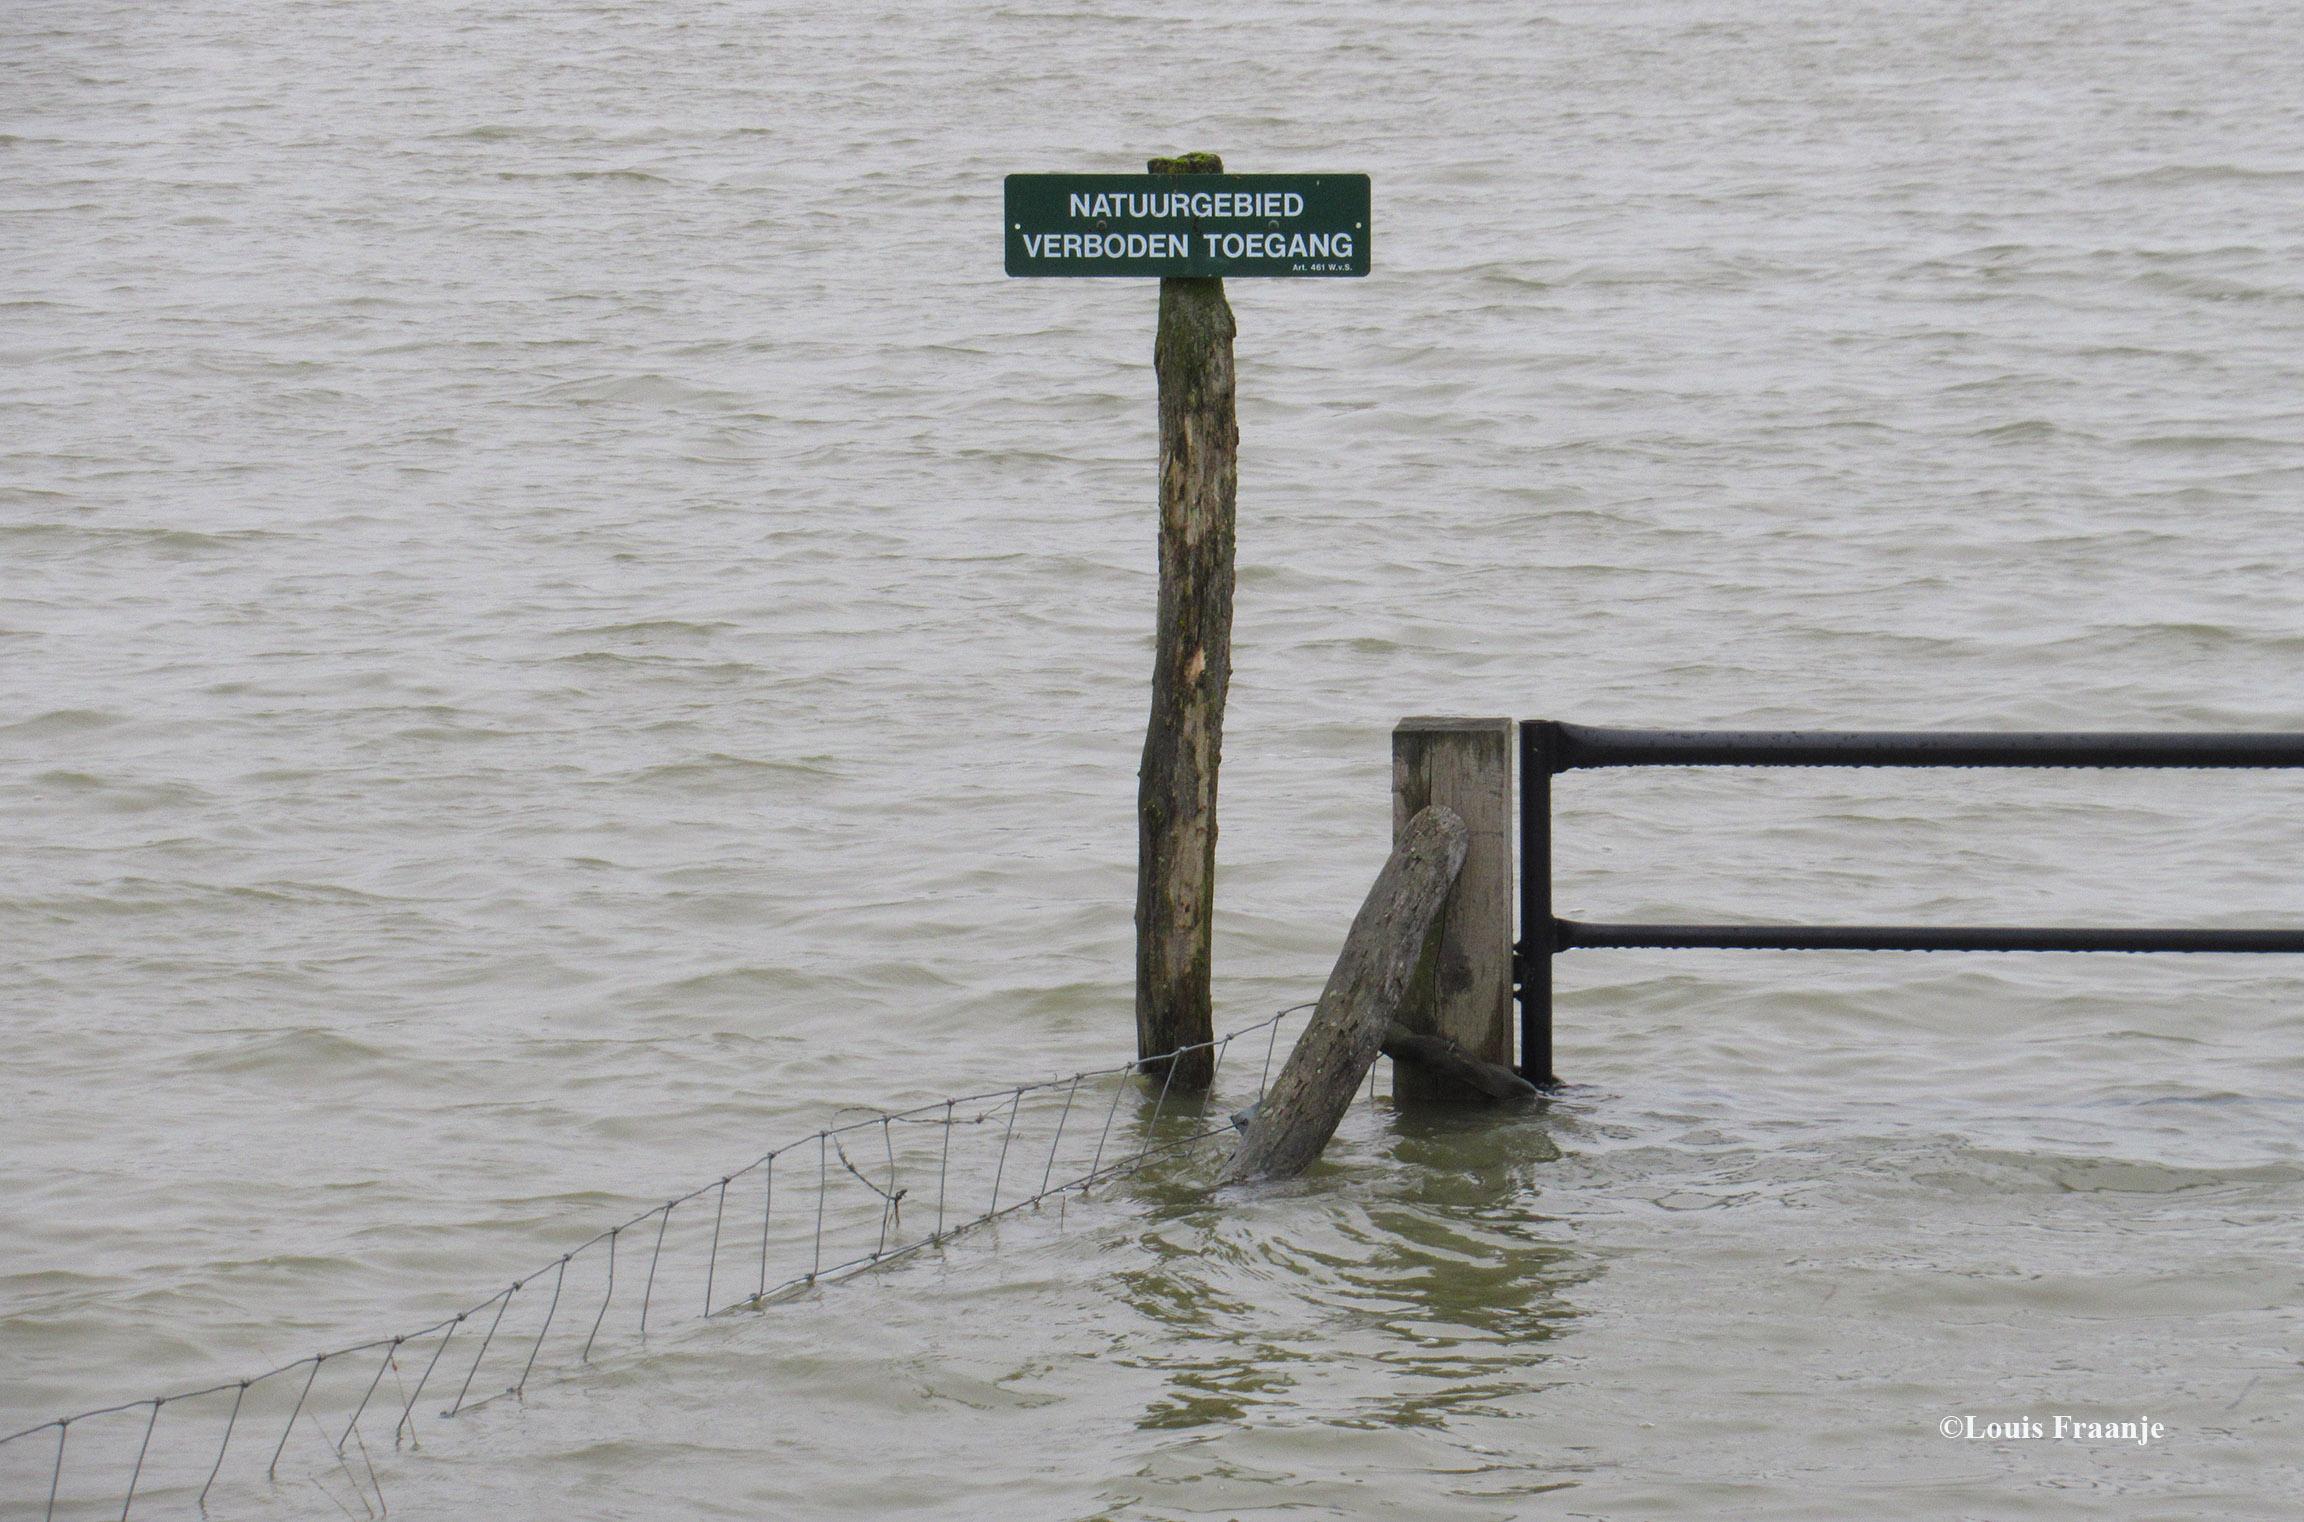 Ook hier weer de bekende humor in het water. En... dat je er niet in mag, dat staat - letterlijk en figuurlijk - als een 'paal' boven water! - Foto: ©Louis Fraanje